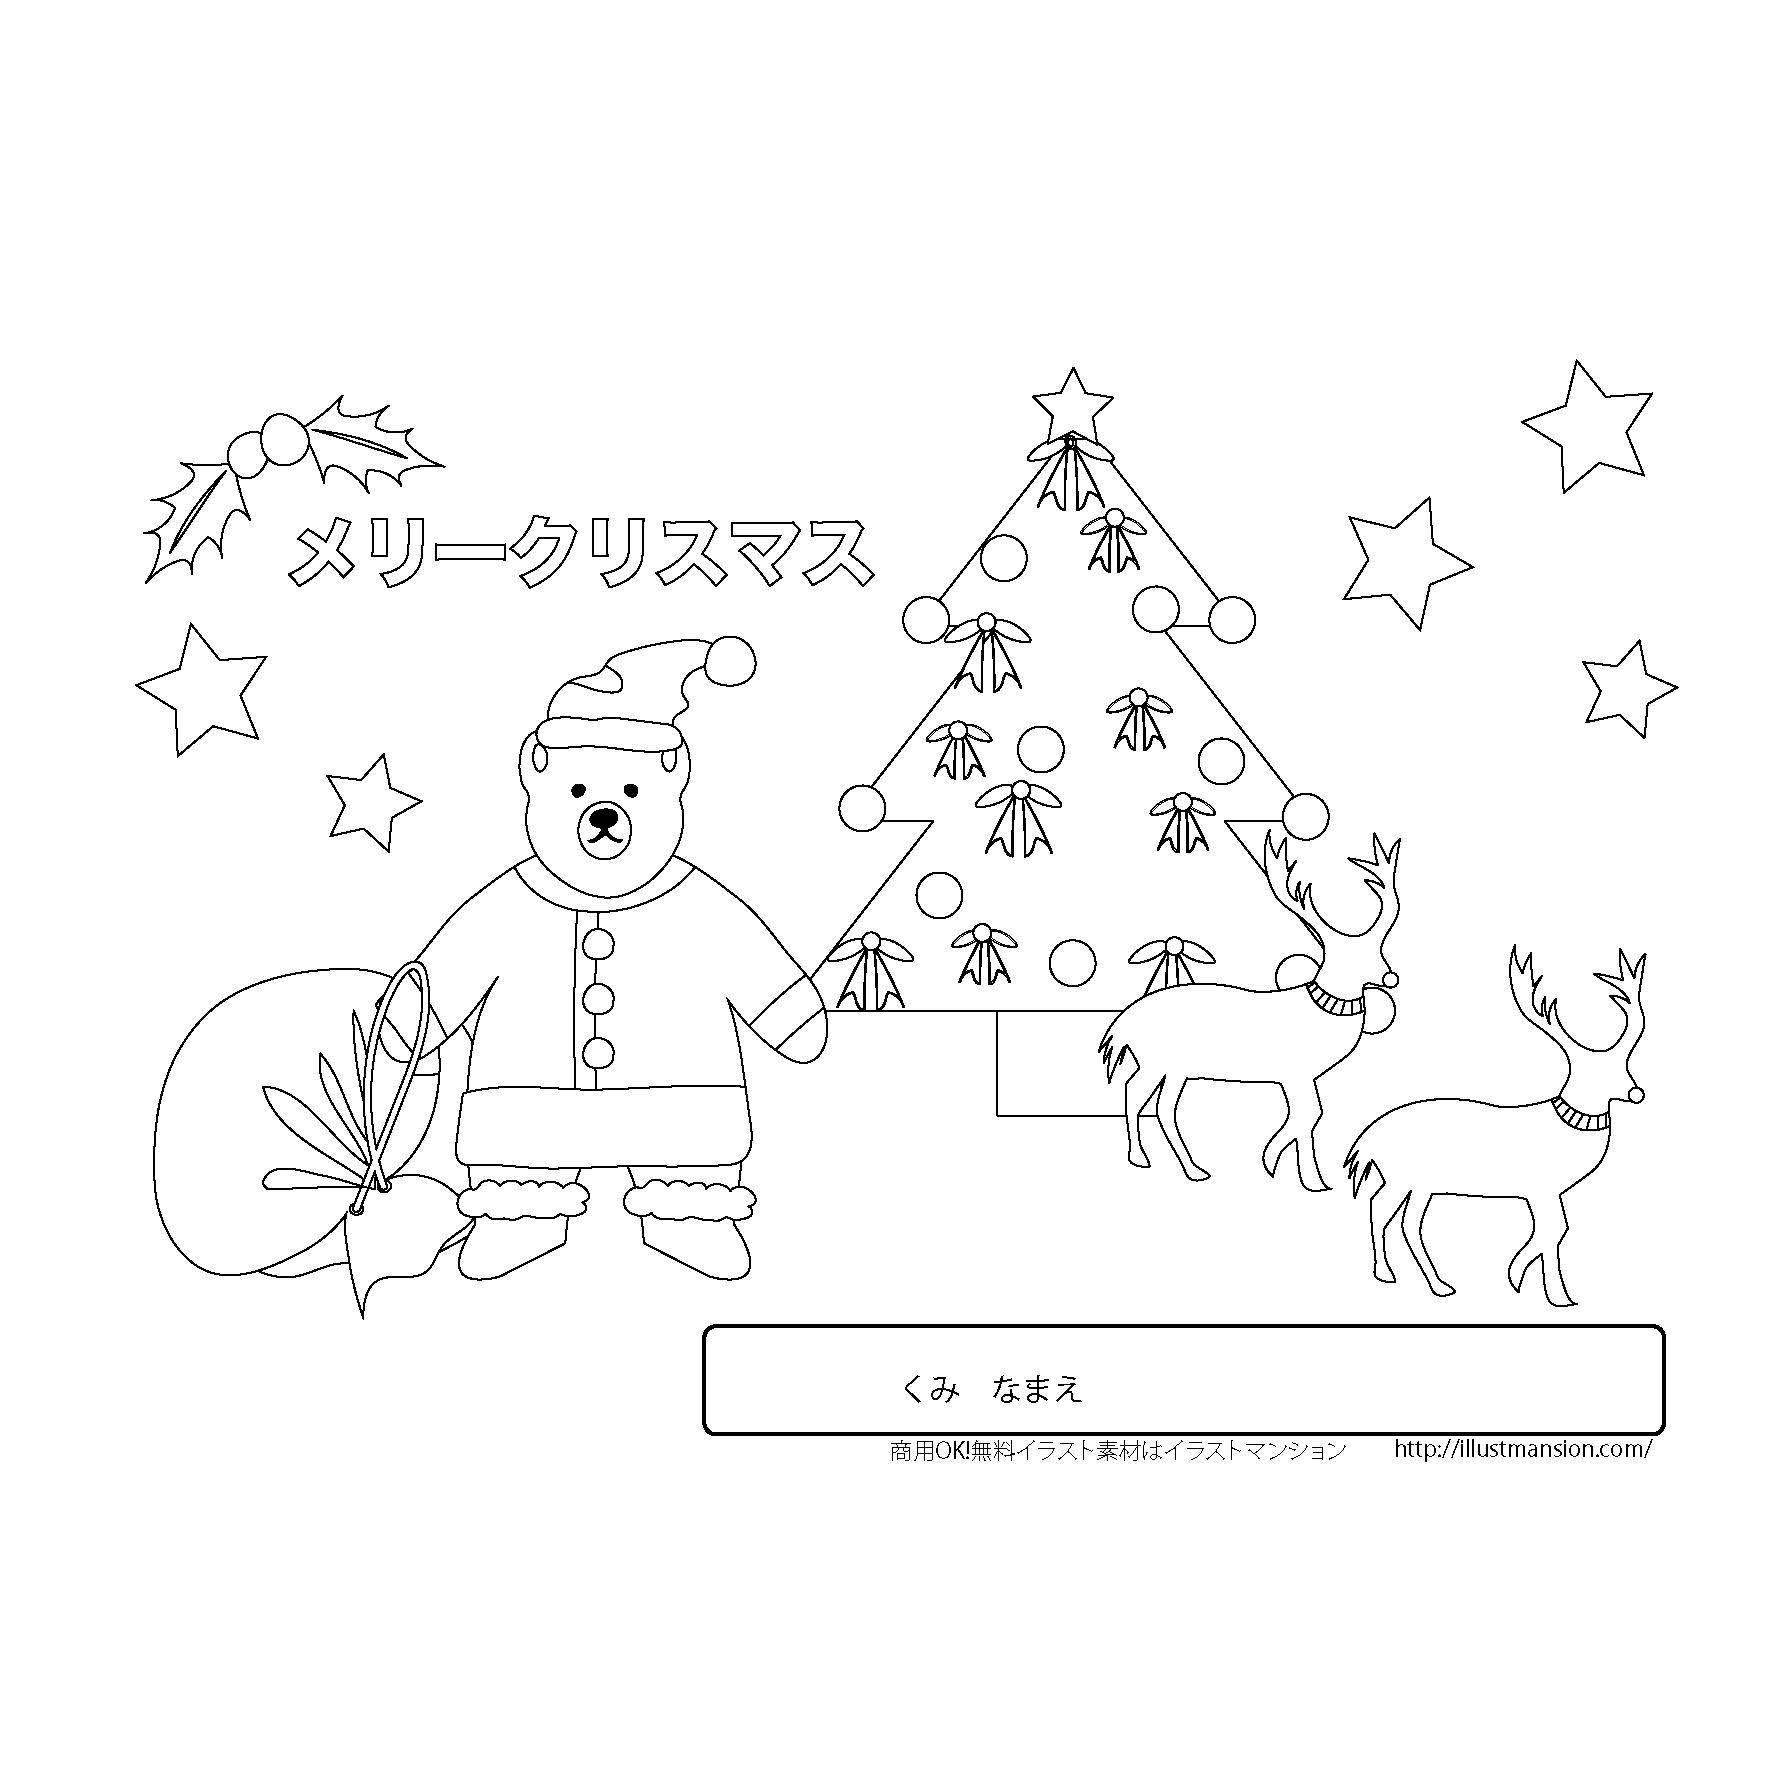 塗り絵ぬりえ 無料のクリスマスツリー イラスト 商用フリー無料